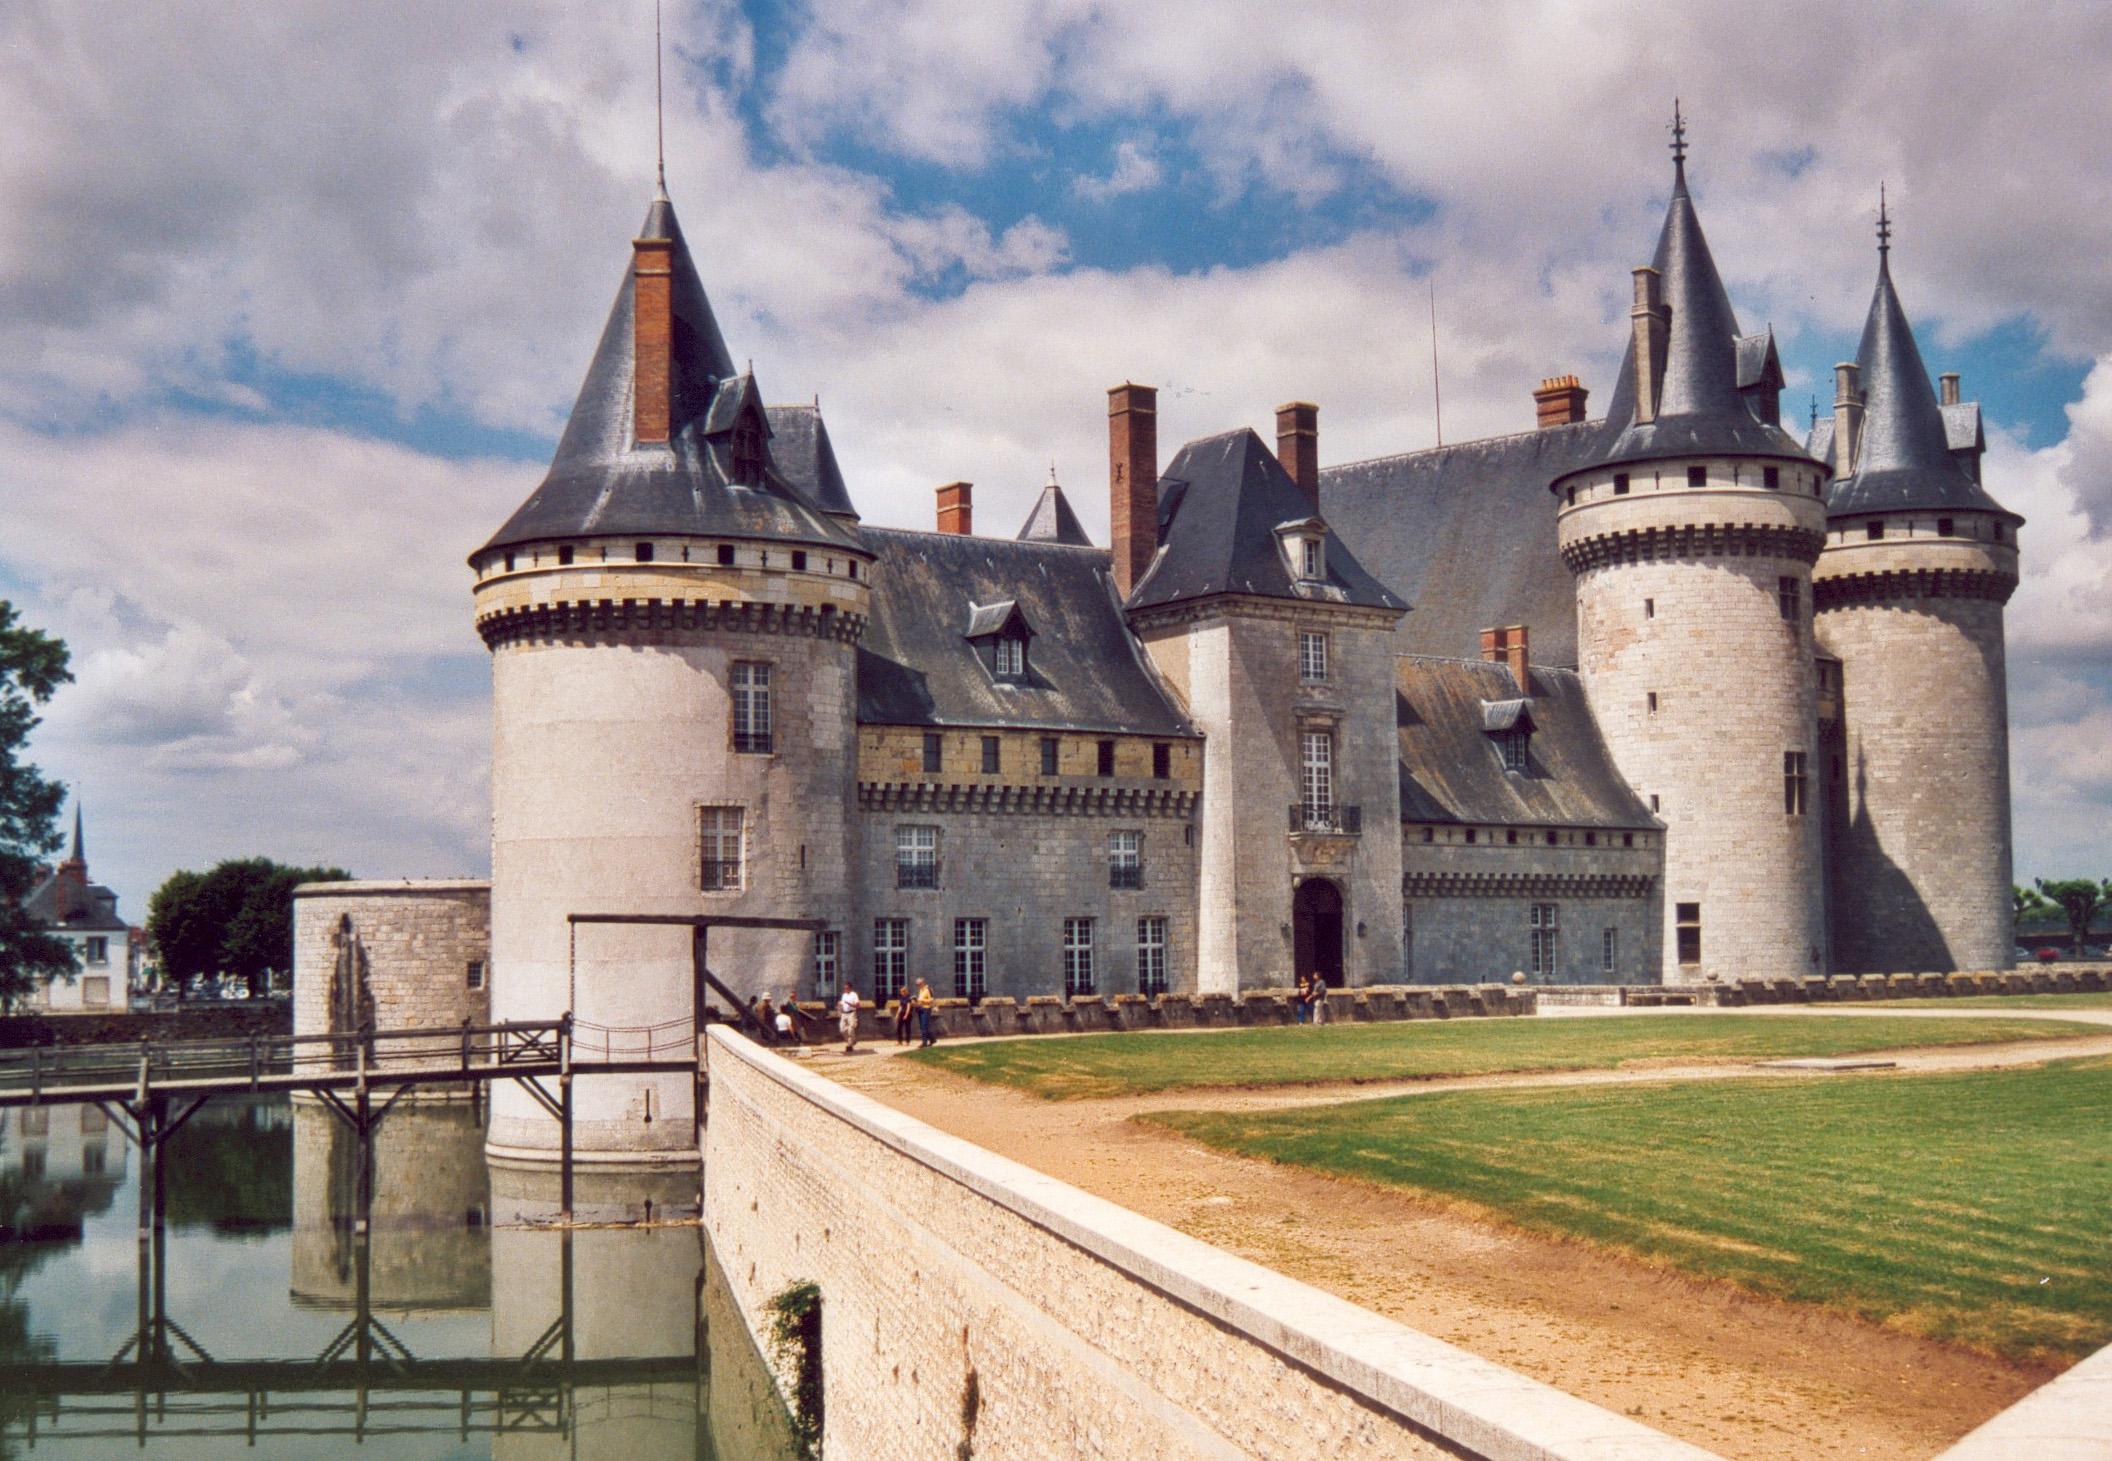 Sully Sur Loire Chateau Château de Sully-sur-loire